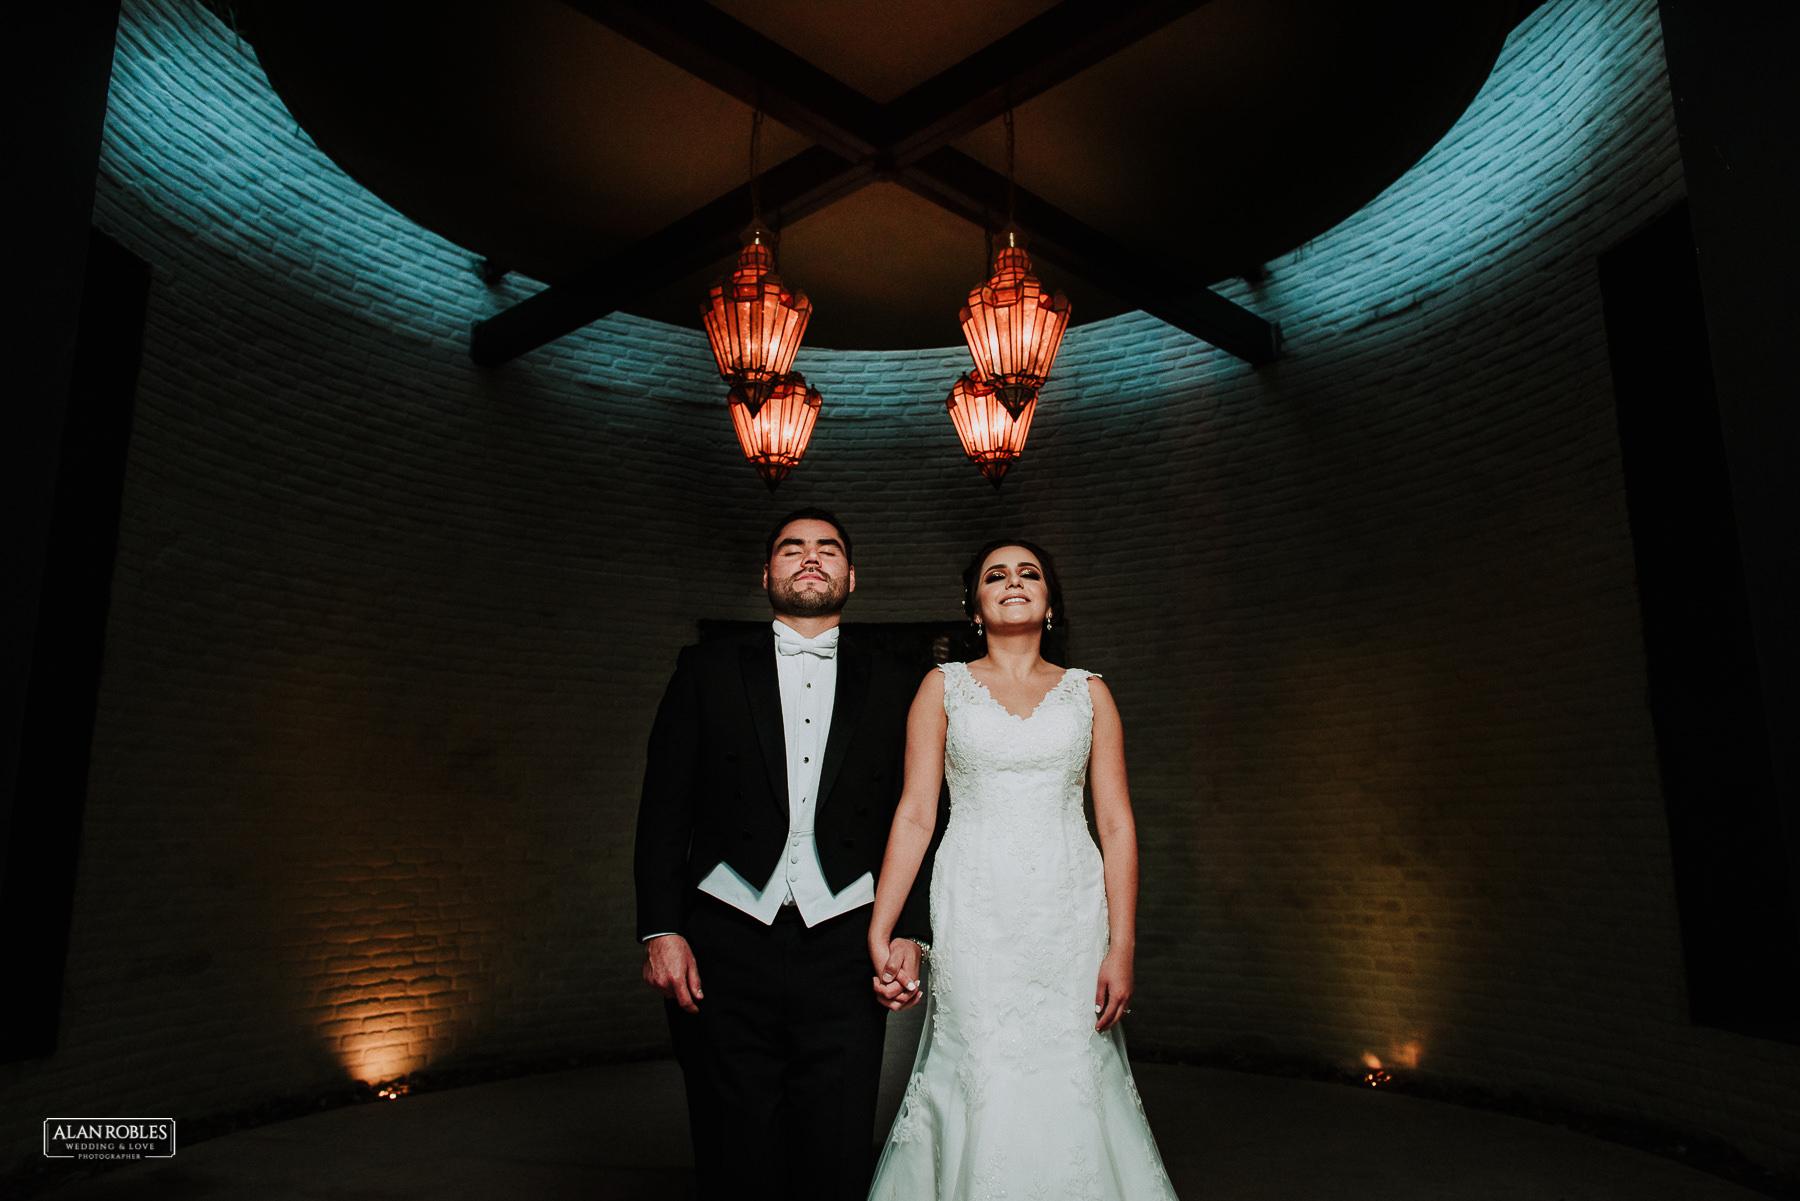 Fotografo de bodas Alan Robles-Casa Clementina Guadalajara DyA-41